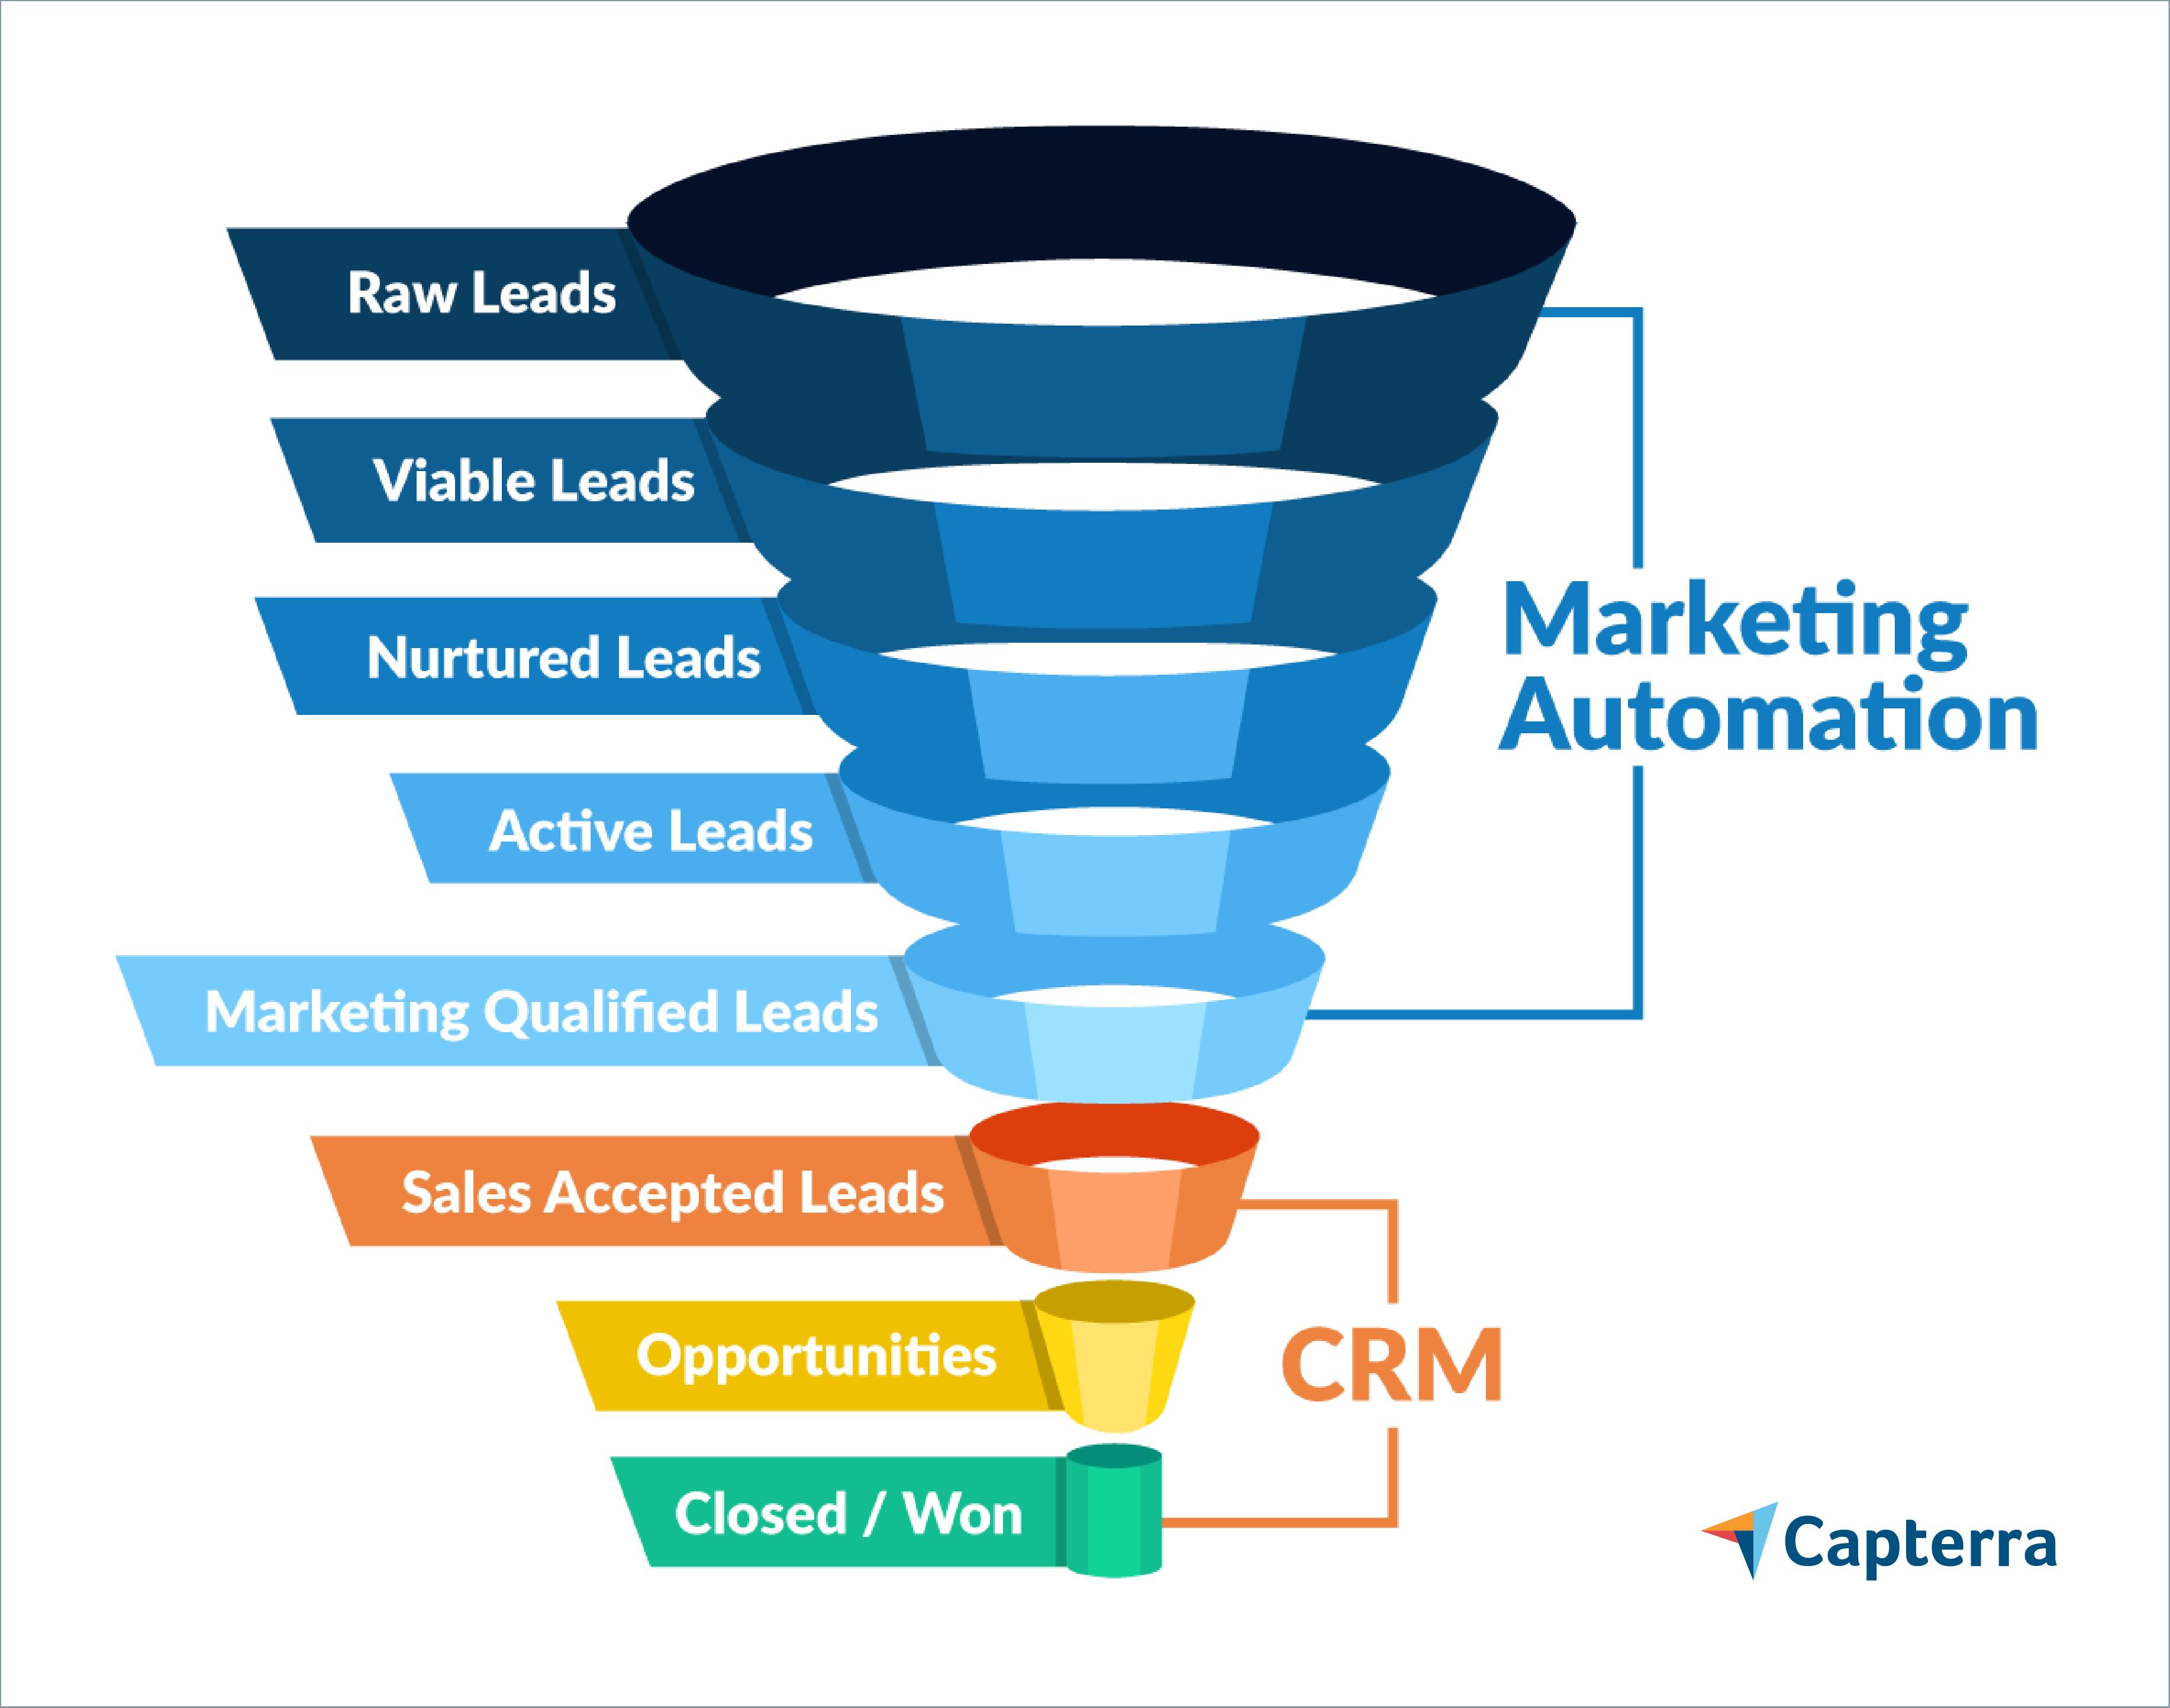 Пример воронки программного обеспечения для автоматизации маркетинга и управления взаимоотношениями с клиентами.